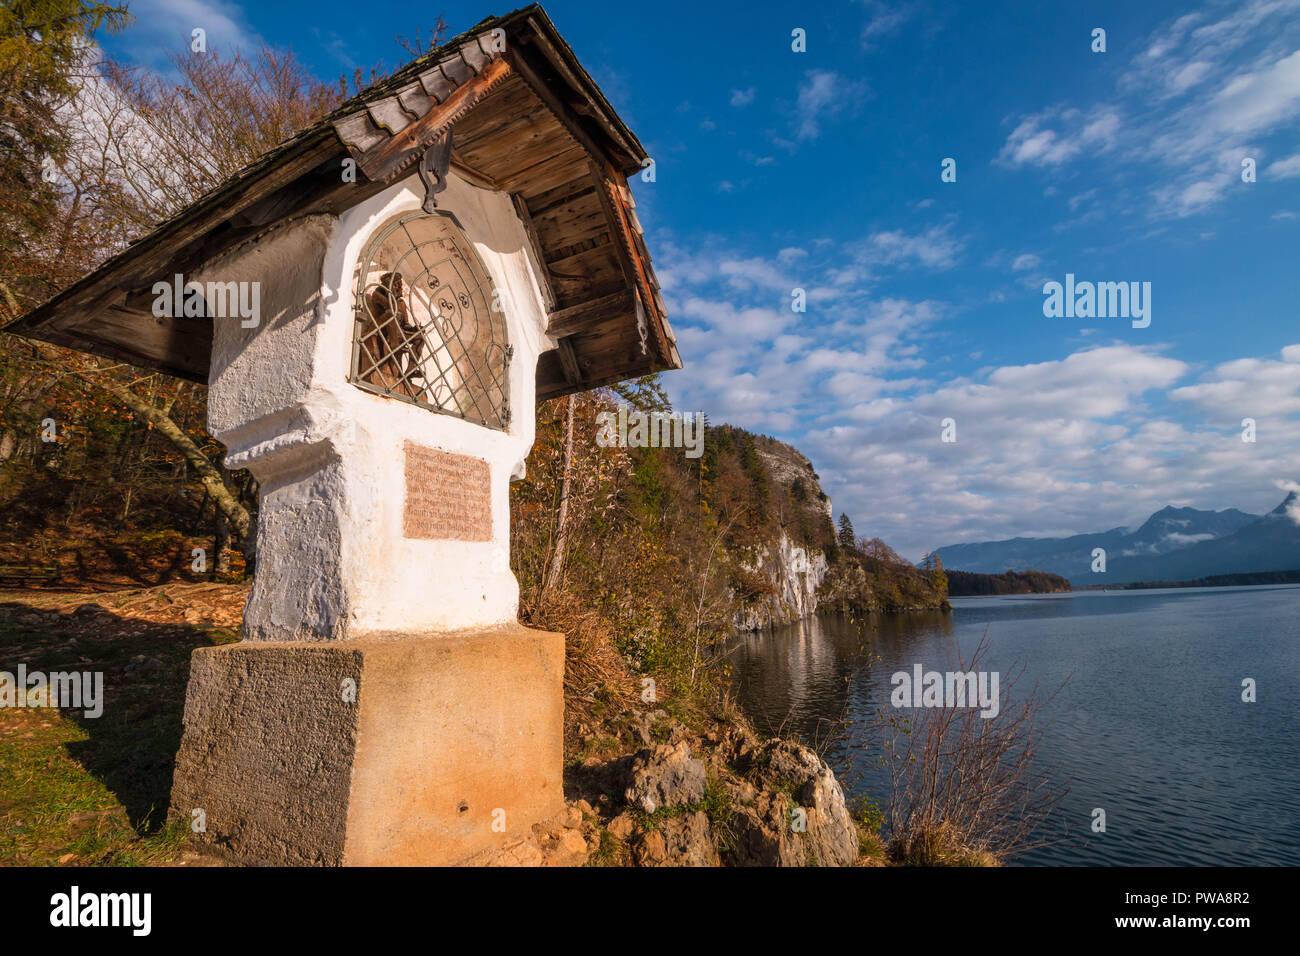 Hochzeit Kreuz (hochzeitskreuz) Bildstock auf einem Felsen über Lake Wolfgangsee. Das Kreuz stammt aus dem Jahre 1609 und ist auf eine Legende über Weddi basierend Stockbild